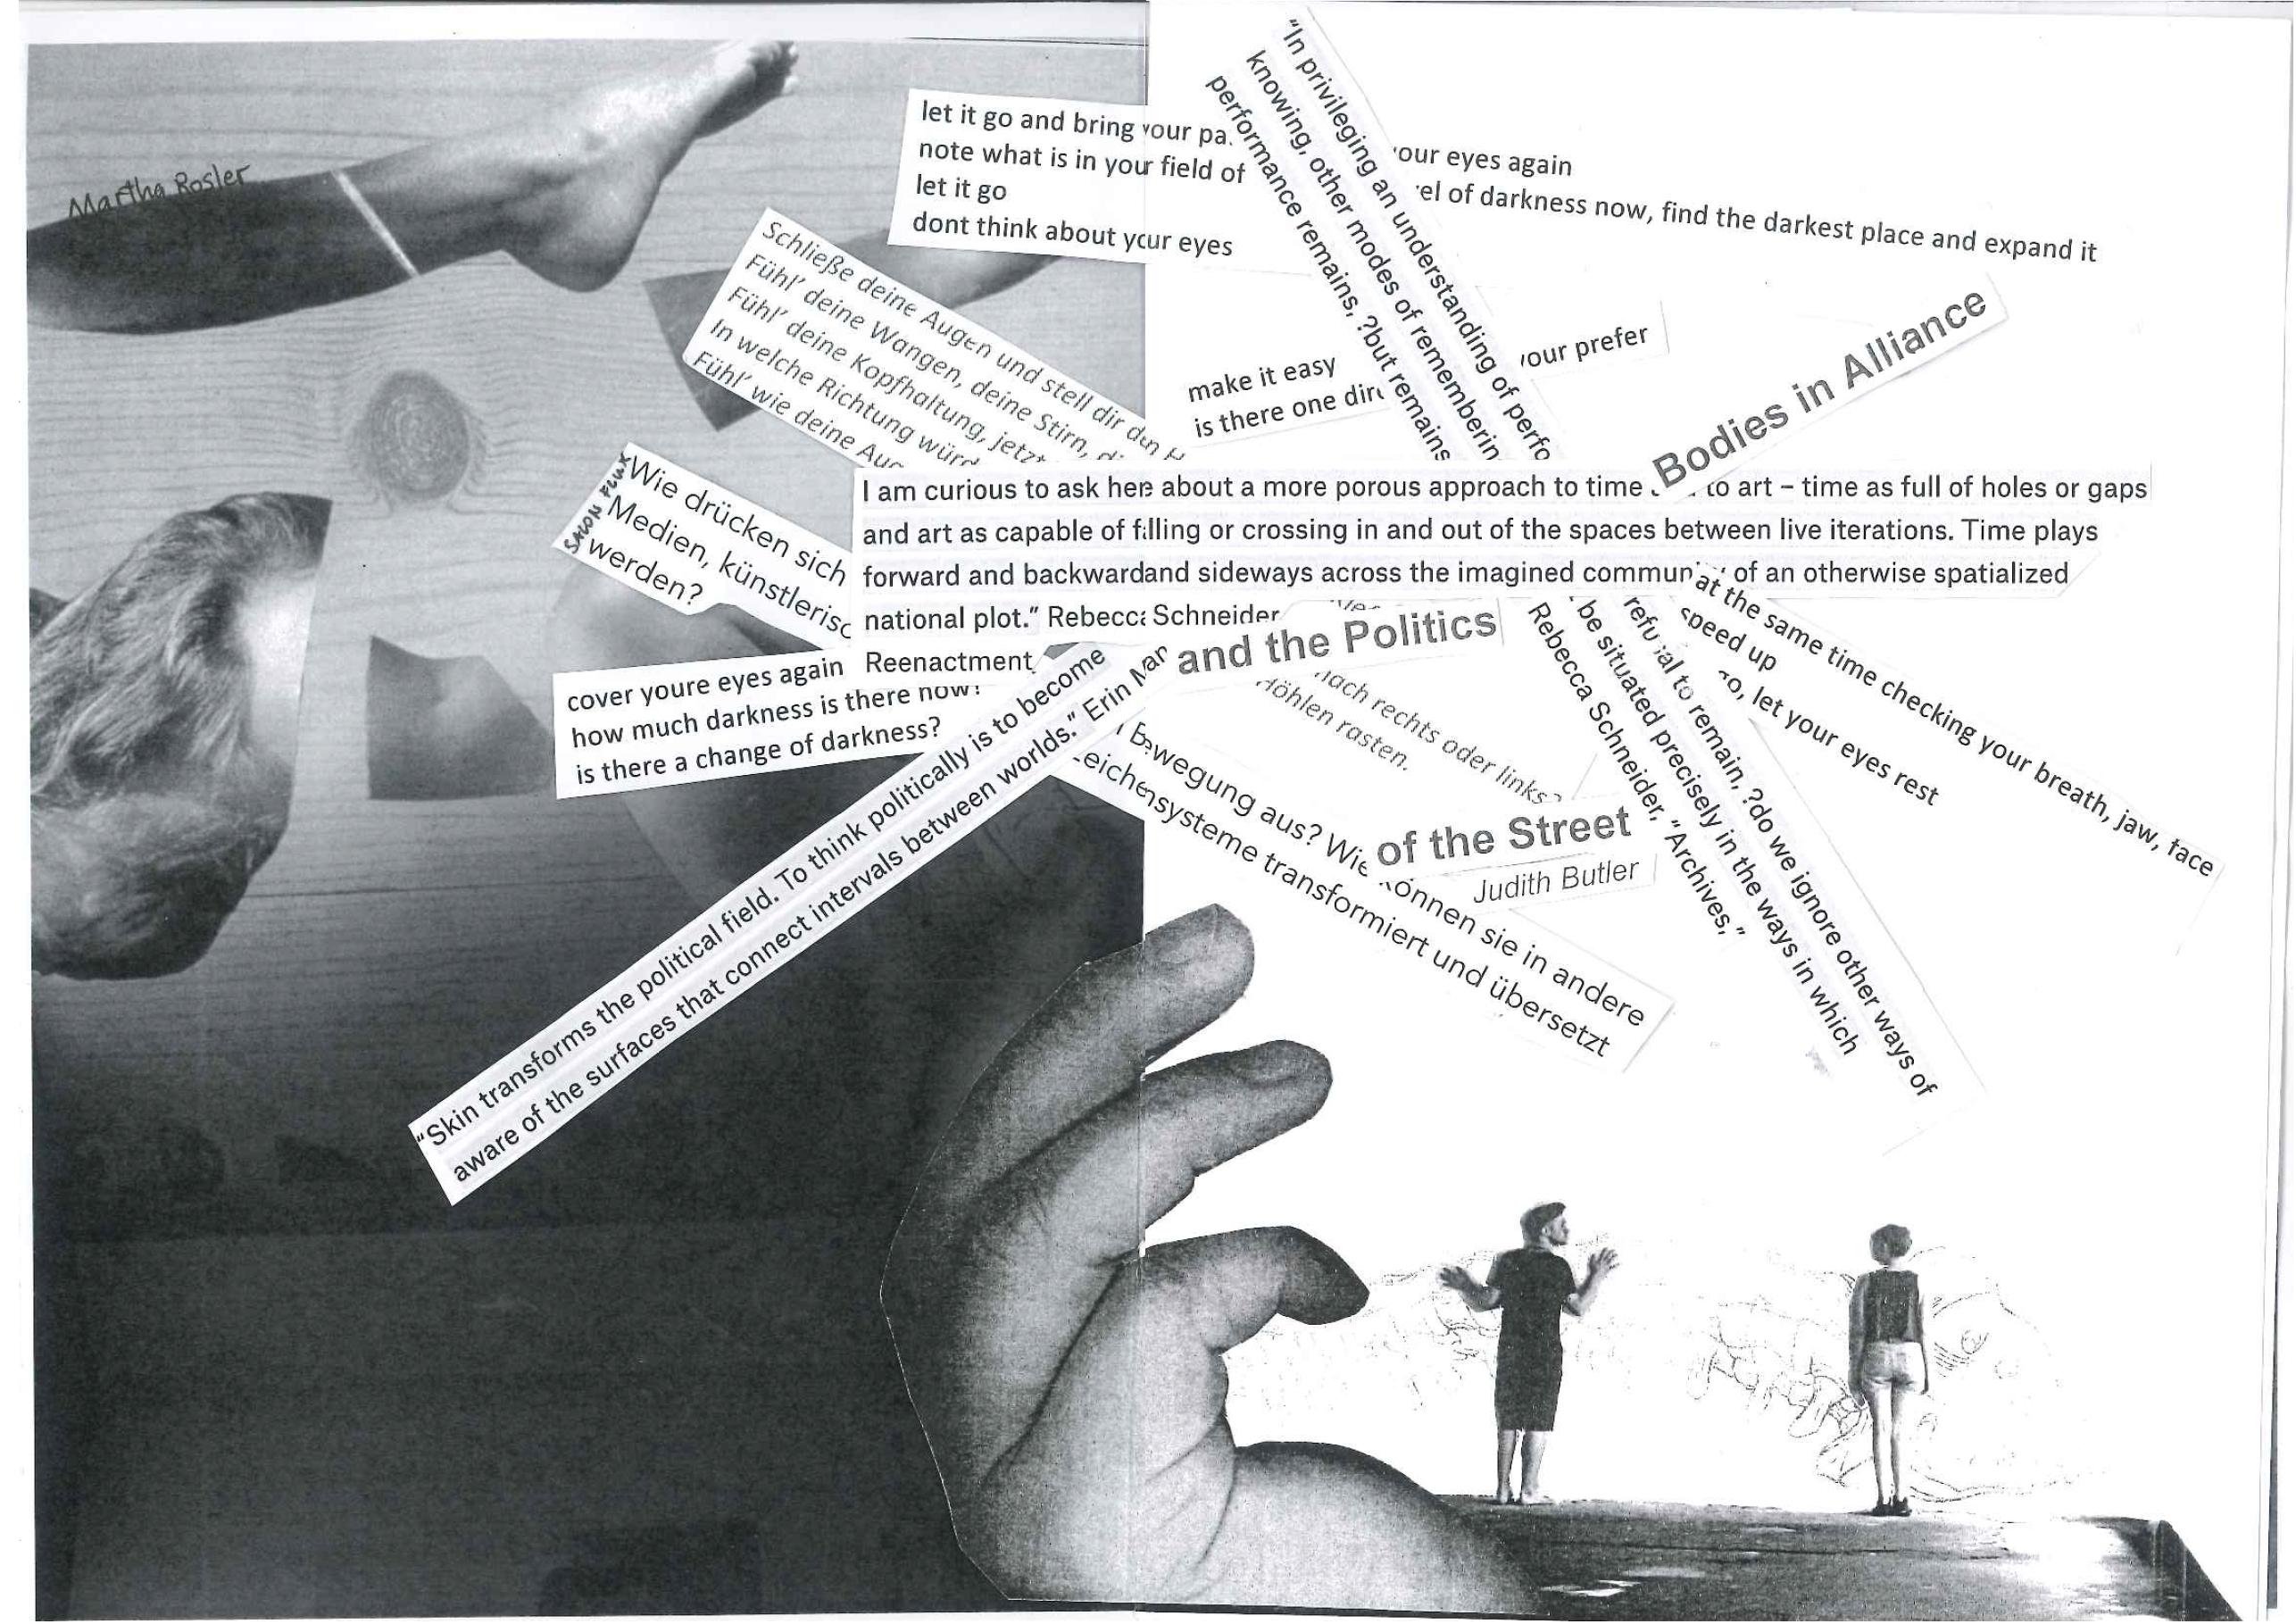 © Performatorium 2017, 'Augenzeug*innenbericht', Art Zine zur Performance, S. 4-5.